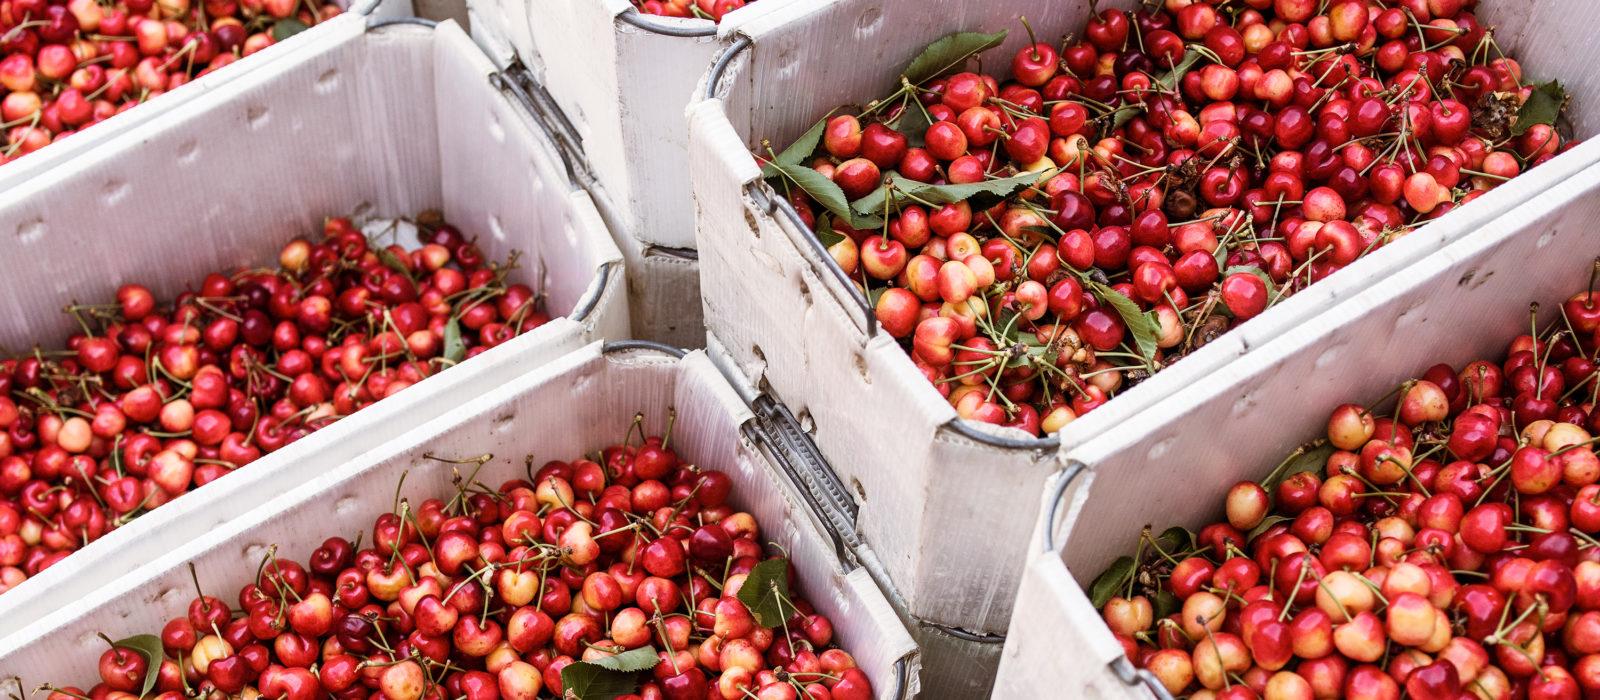 cherries in harvest bins